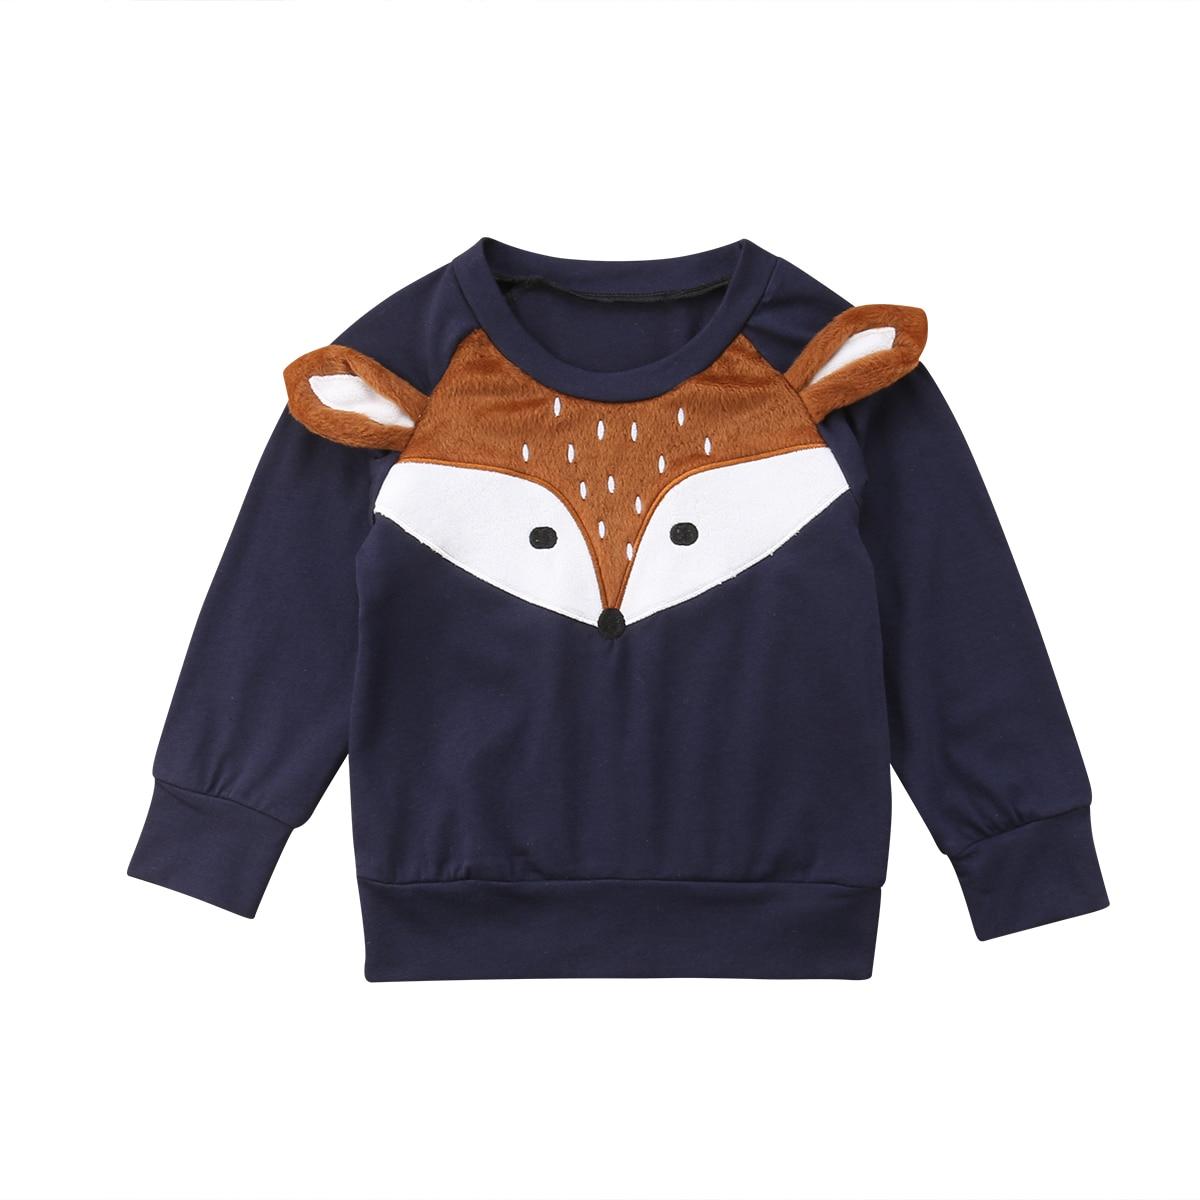 0-4y Mode Kausalen Kleinkind Baby Mädchen Jungen Sweatshirt Outwear Cartoon Druck Langarm Pullover Blau Warme Tops Fit Herbst Schrecklicher Wert